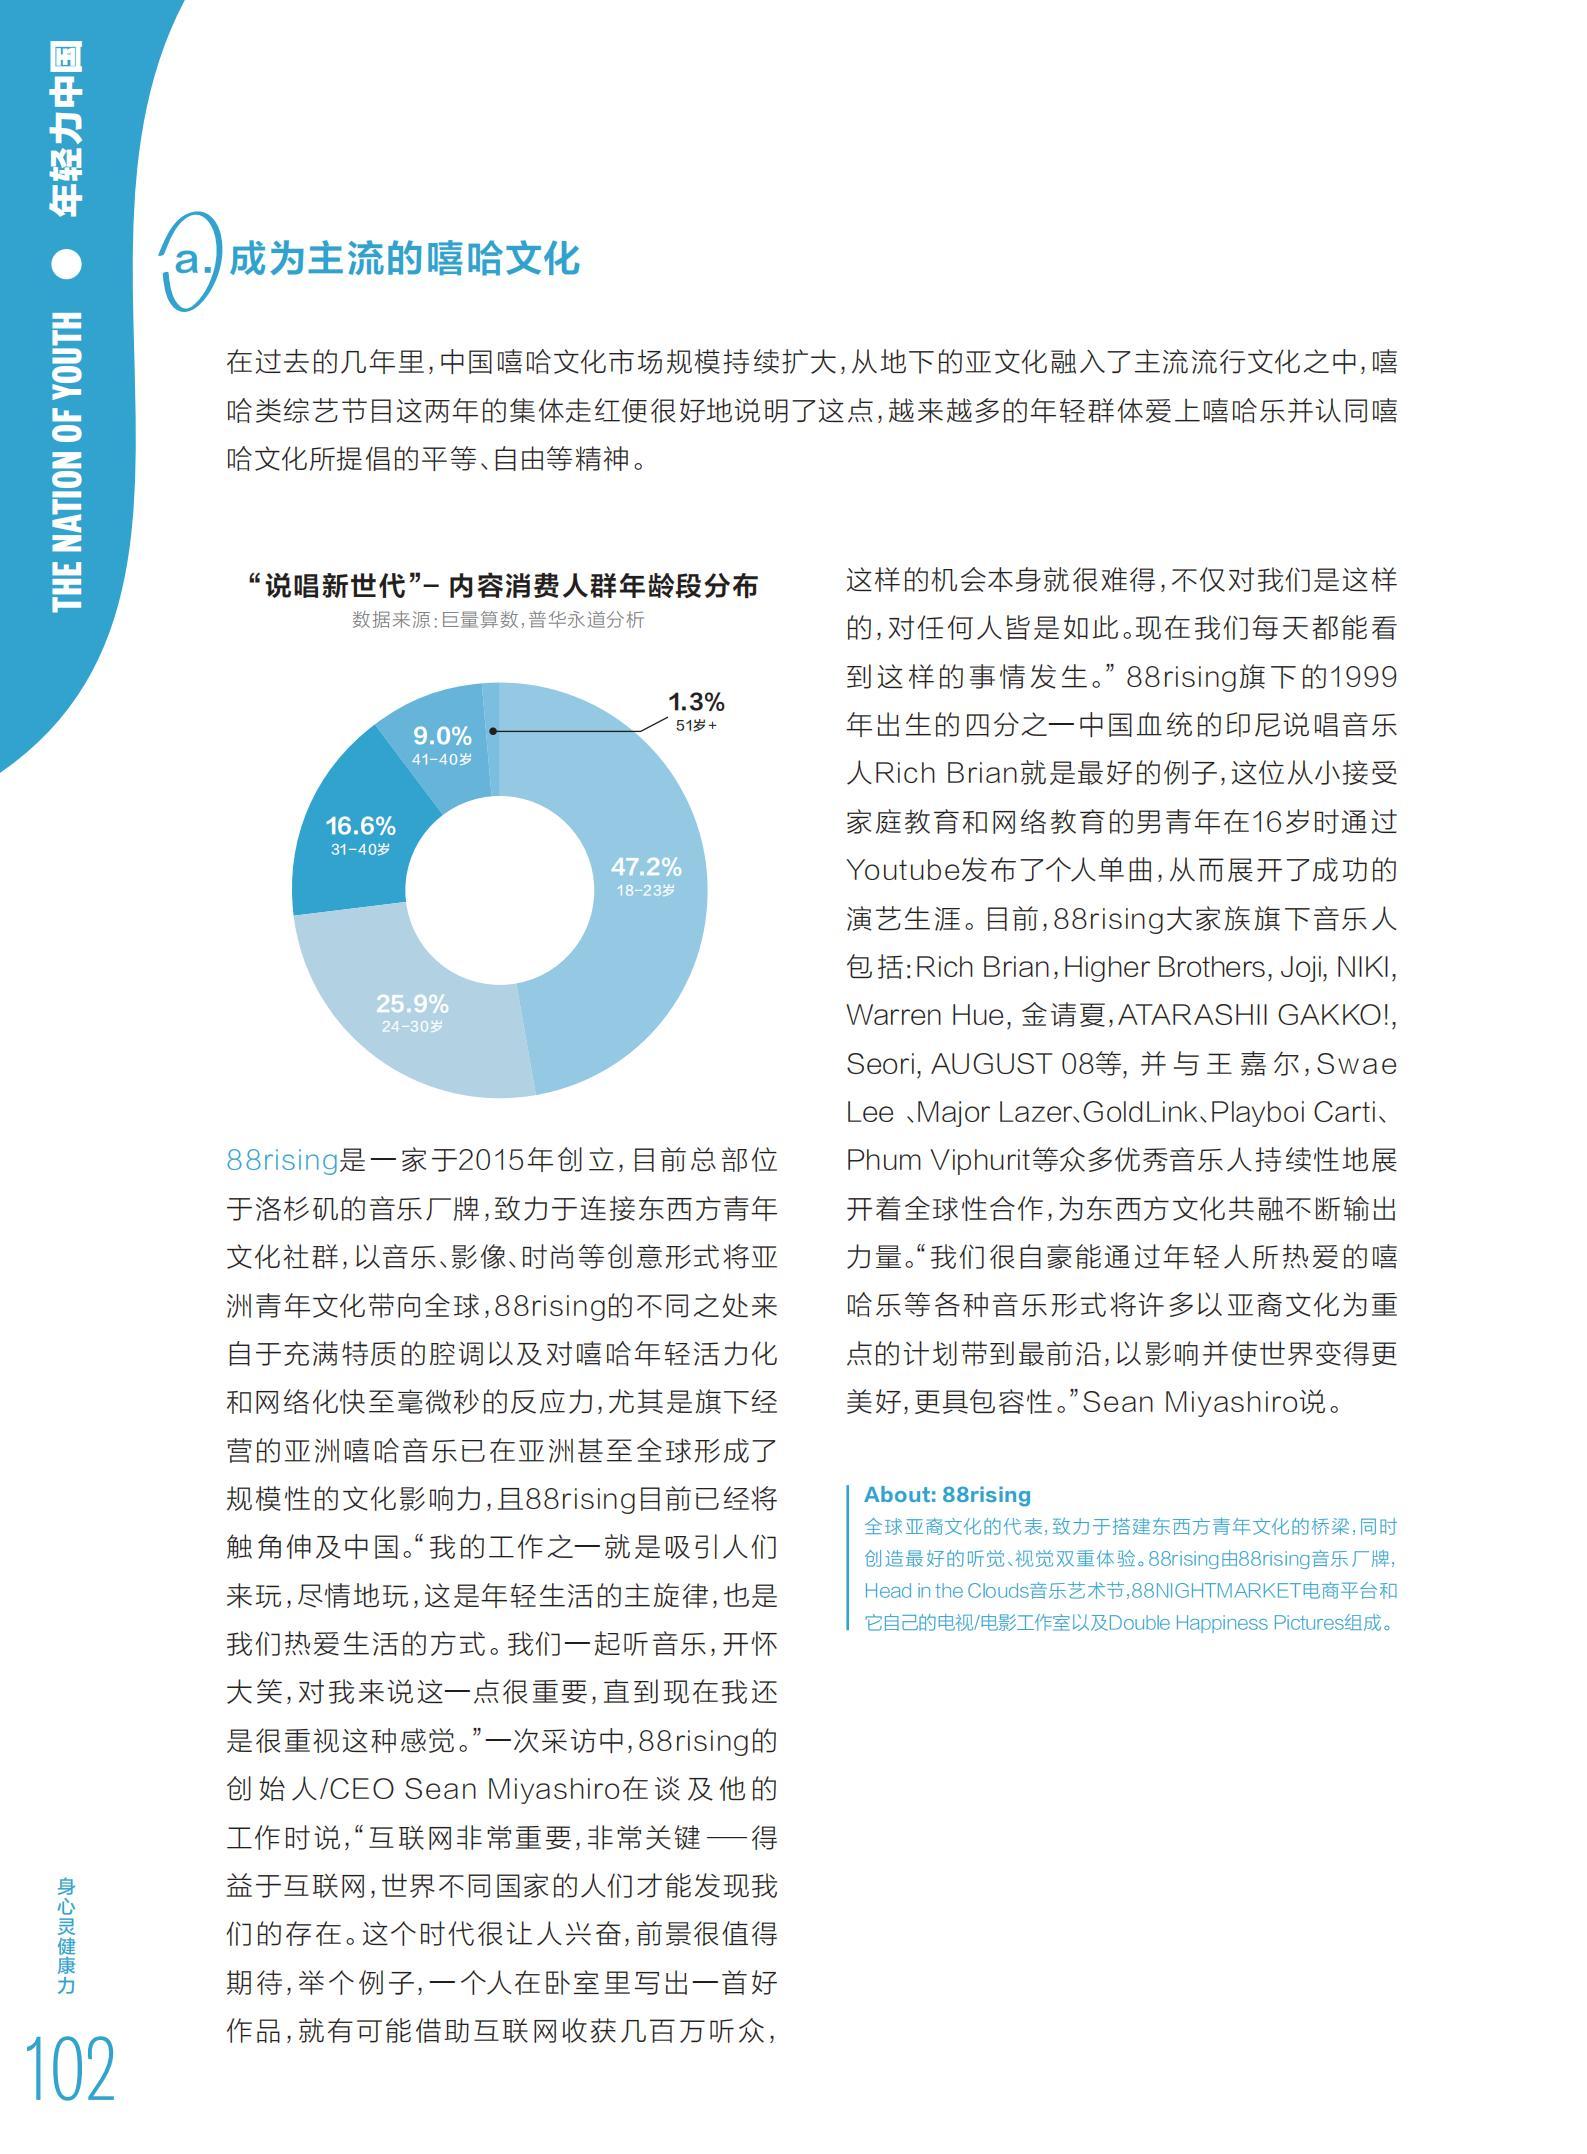 年轻力中国2021文化洞察及商业启示报告(完整版)